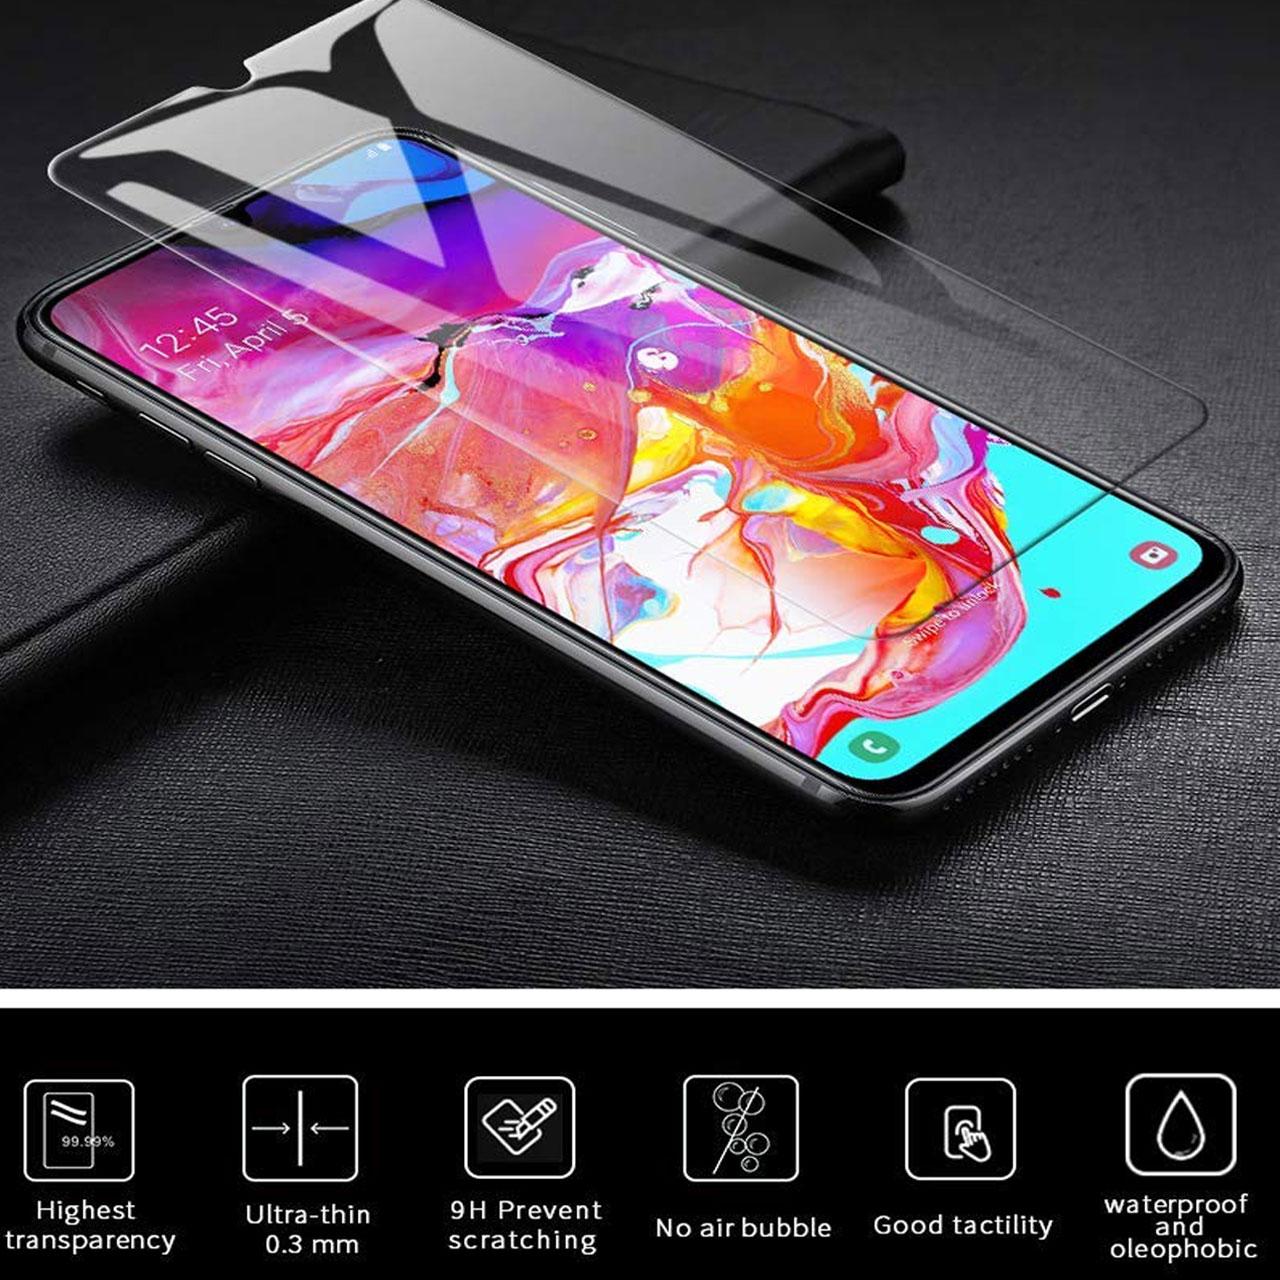 محافظ صفحه نمایش هورس مدل UCC مناسب برای گوشی موبایل سامسونگ Galaxy A70 بسته دو عددی main 1 8